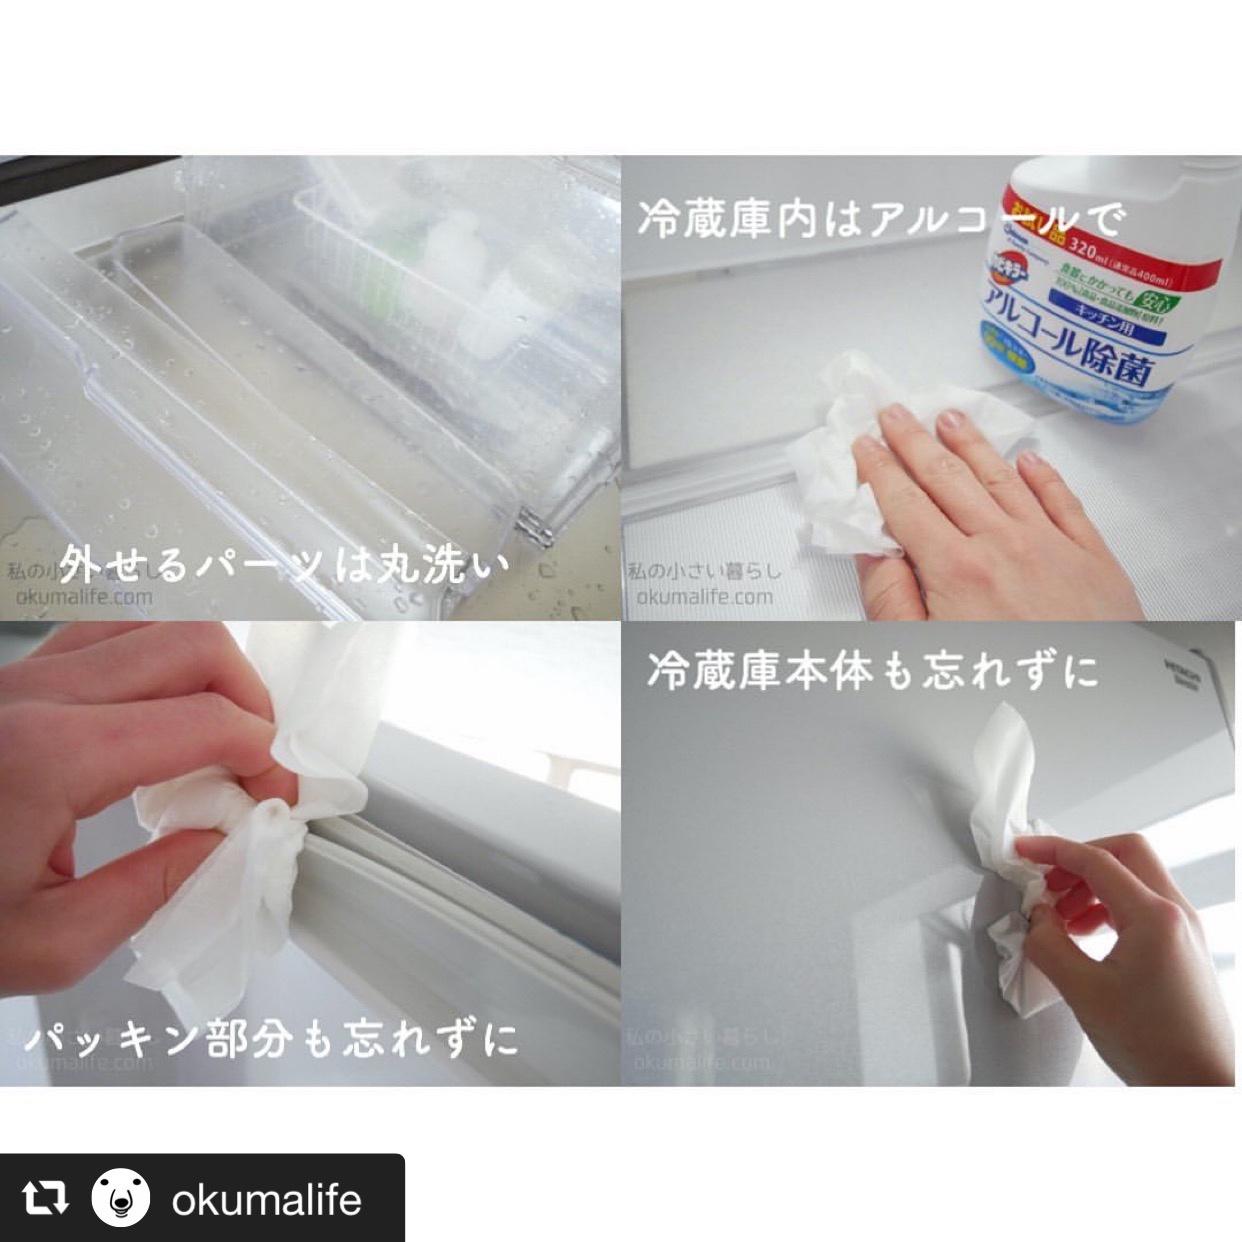 意外と汚れてる! 半年ぶりの冷蔵庫掃除 画像1